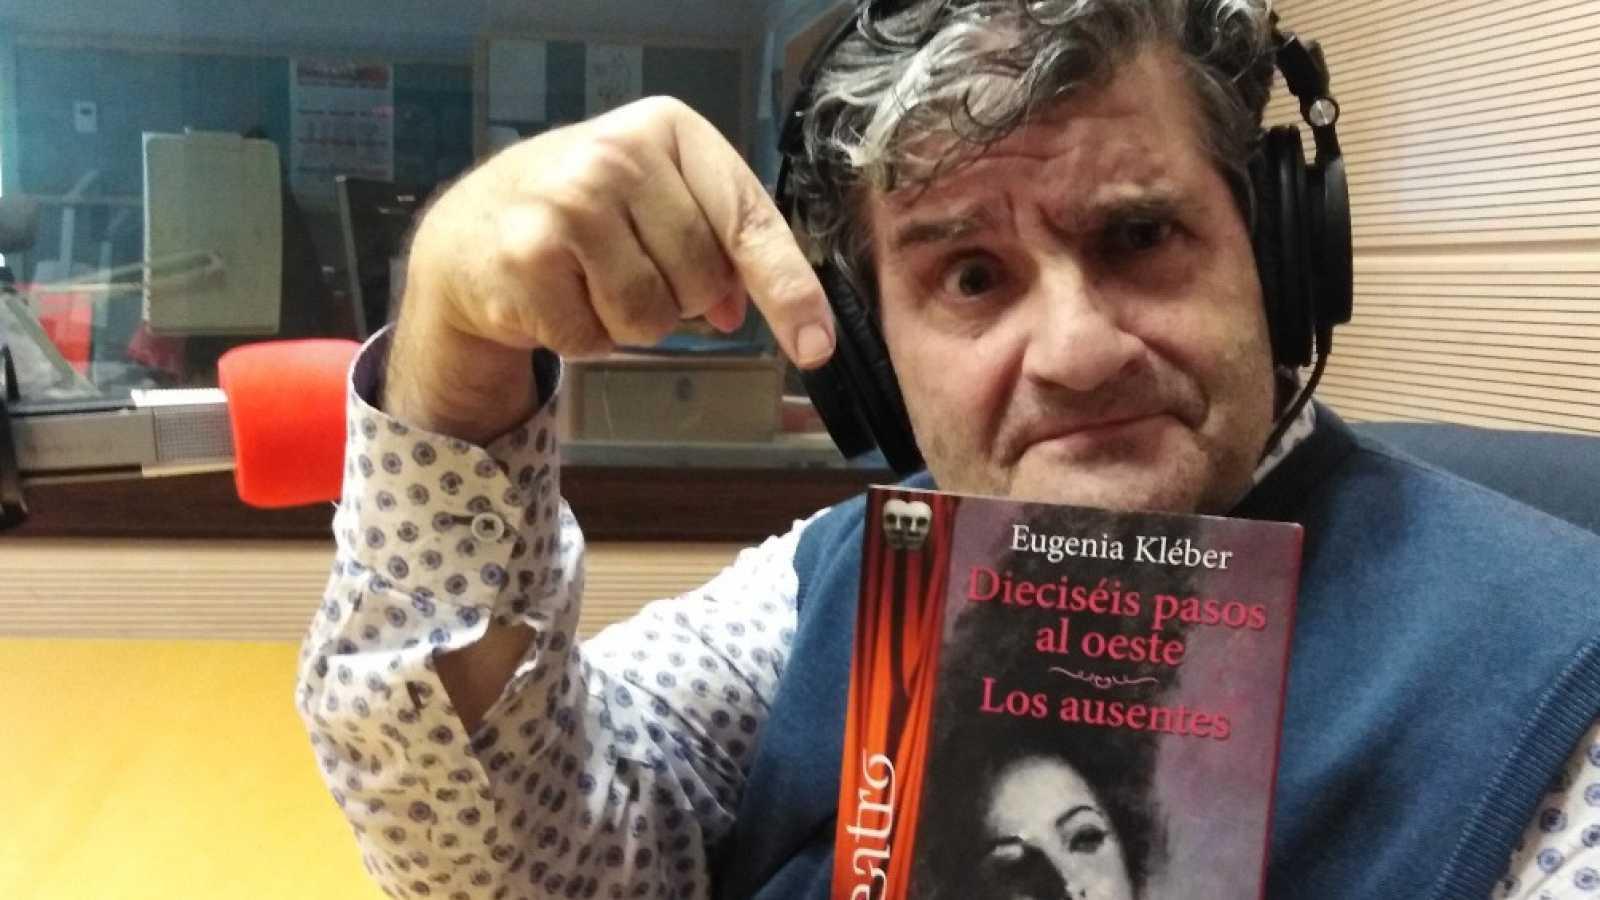 Sexto continente - El Salón del Libro Teatral abre sus puertas - 02/01/21 - Escuchar ahora